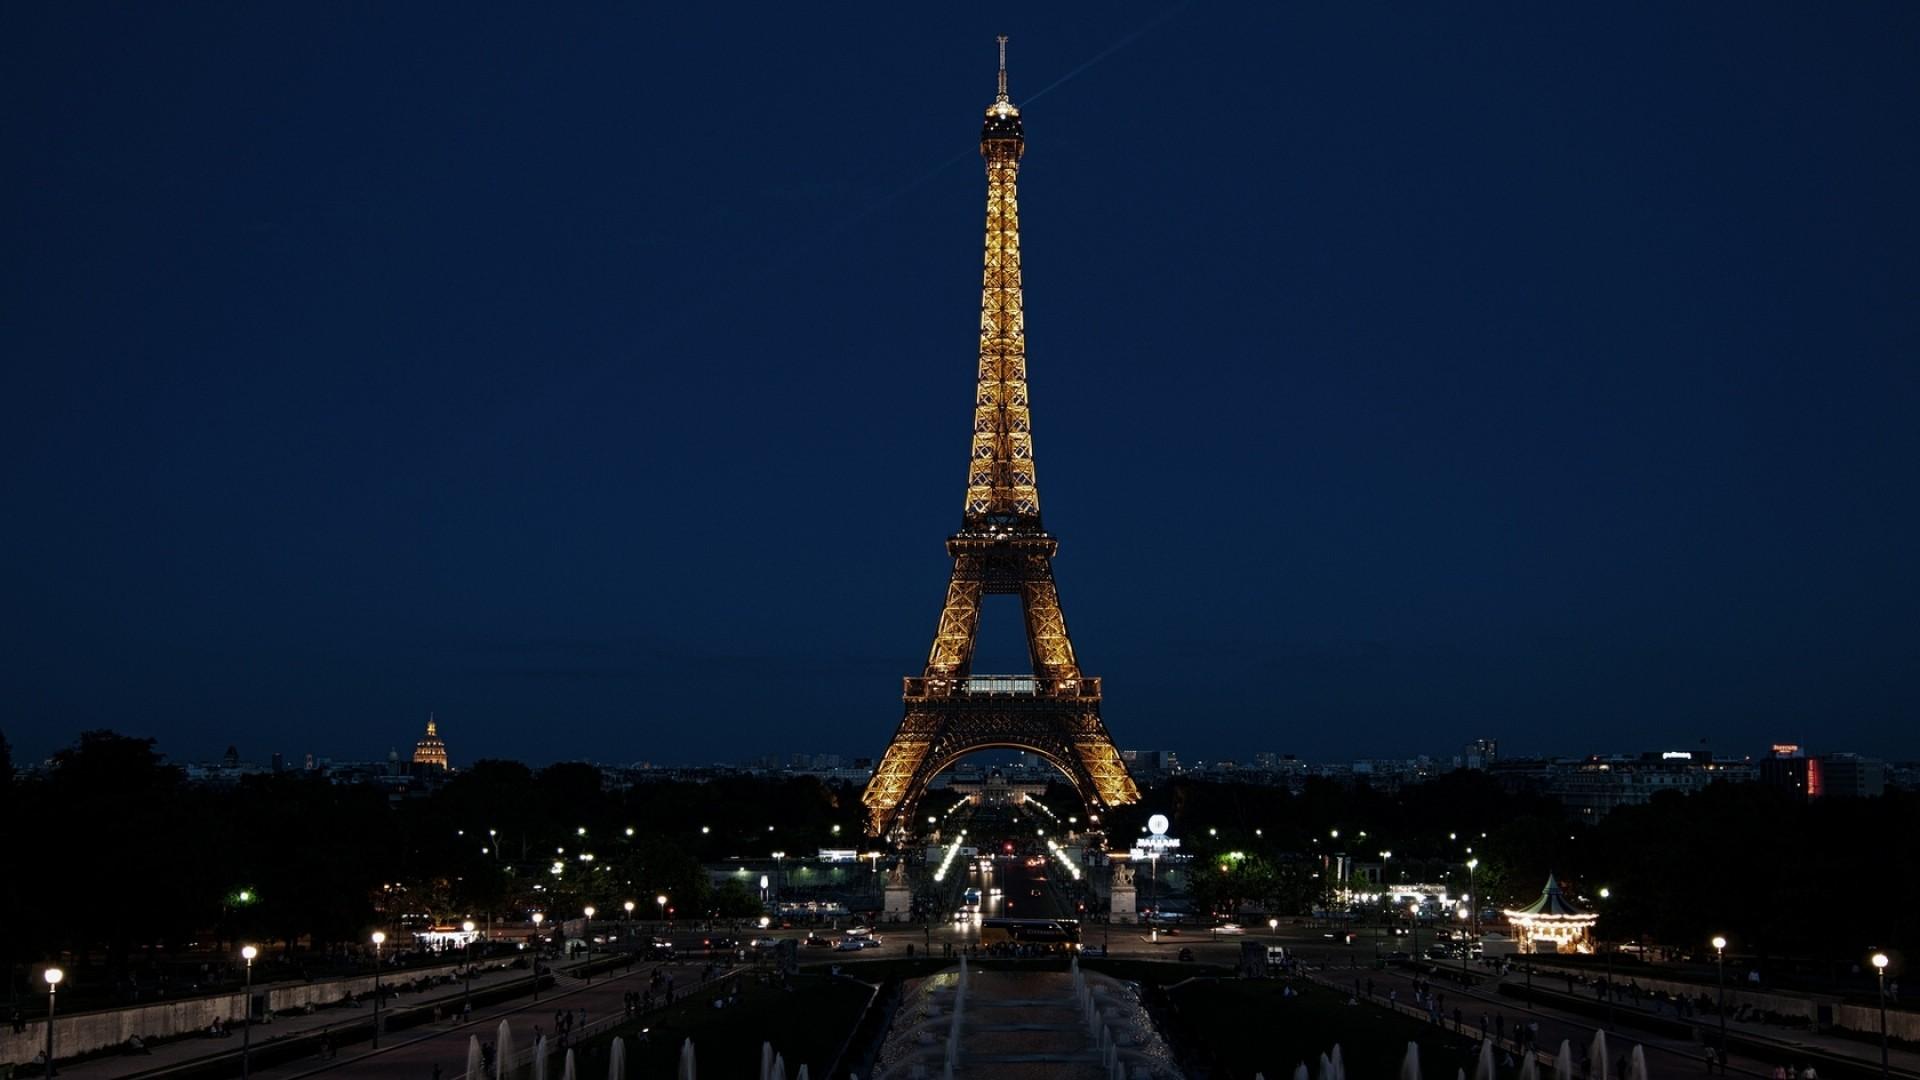 Paris HD Wallpaper for PC – Pictures